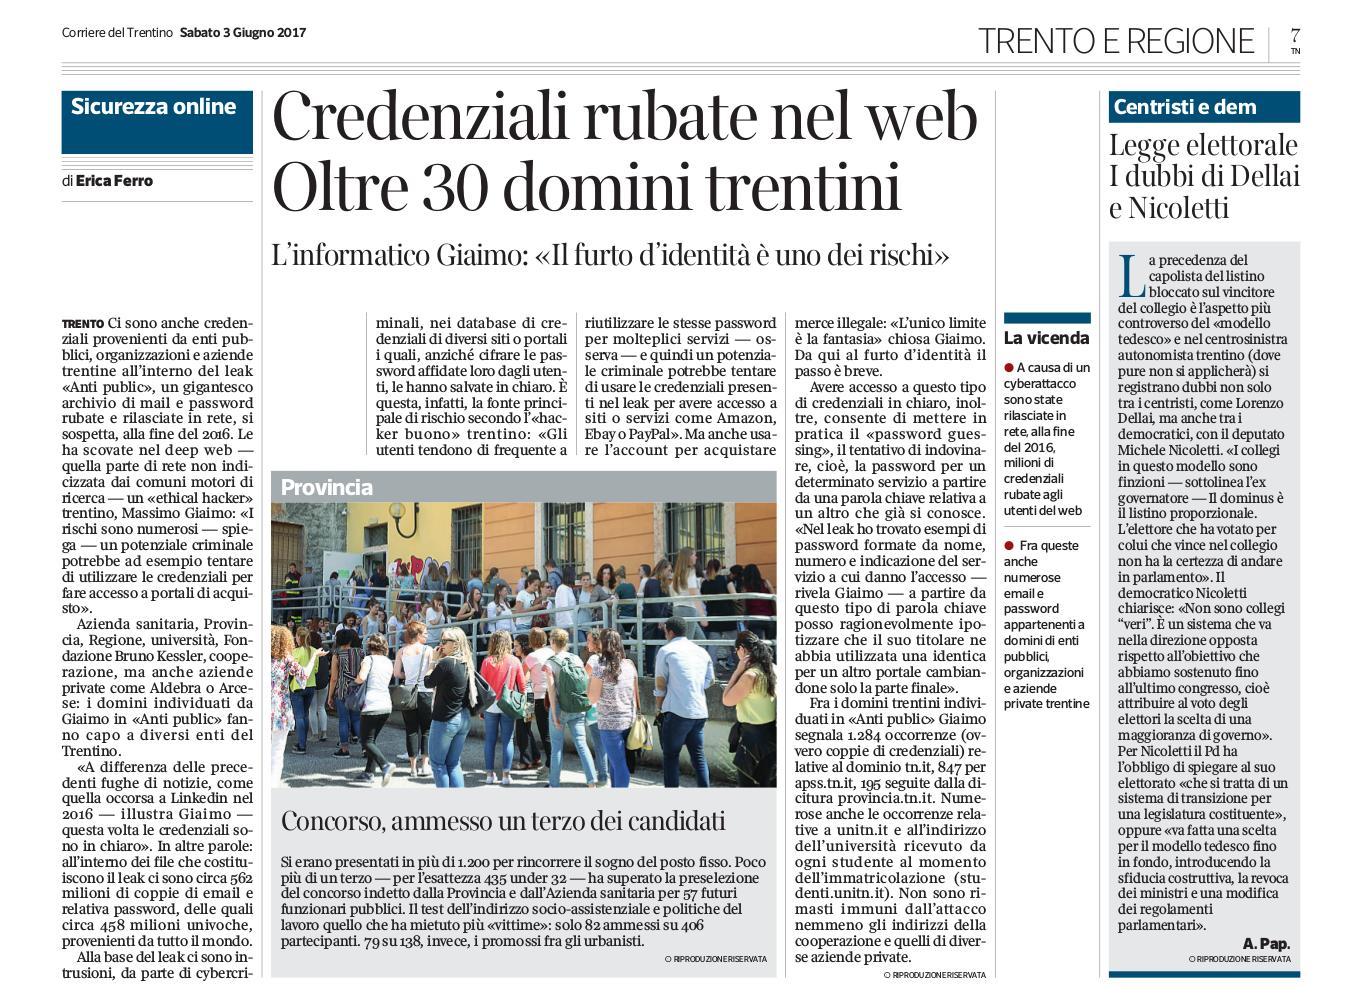 Articolo Corriere del Trentino del 3 giugno 2017